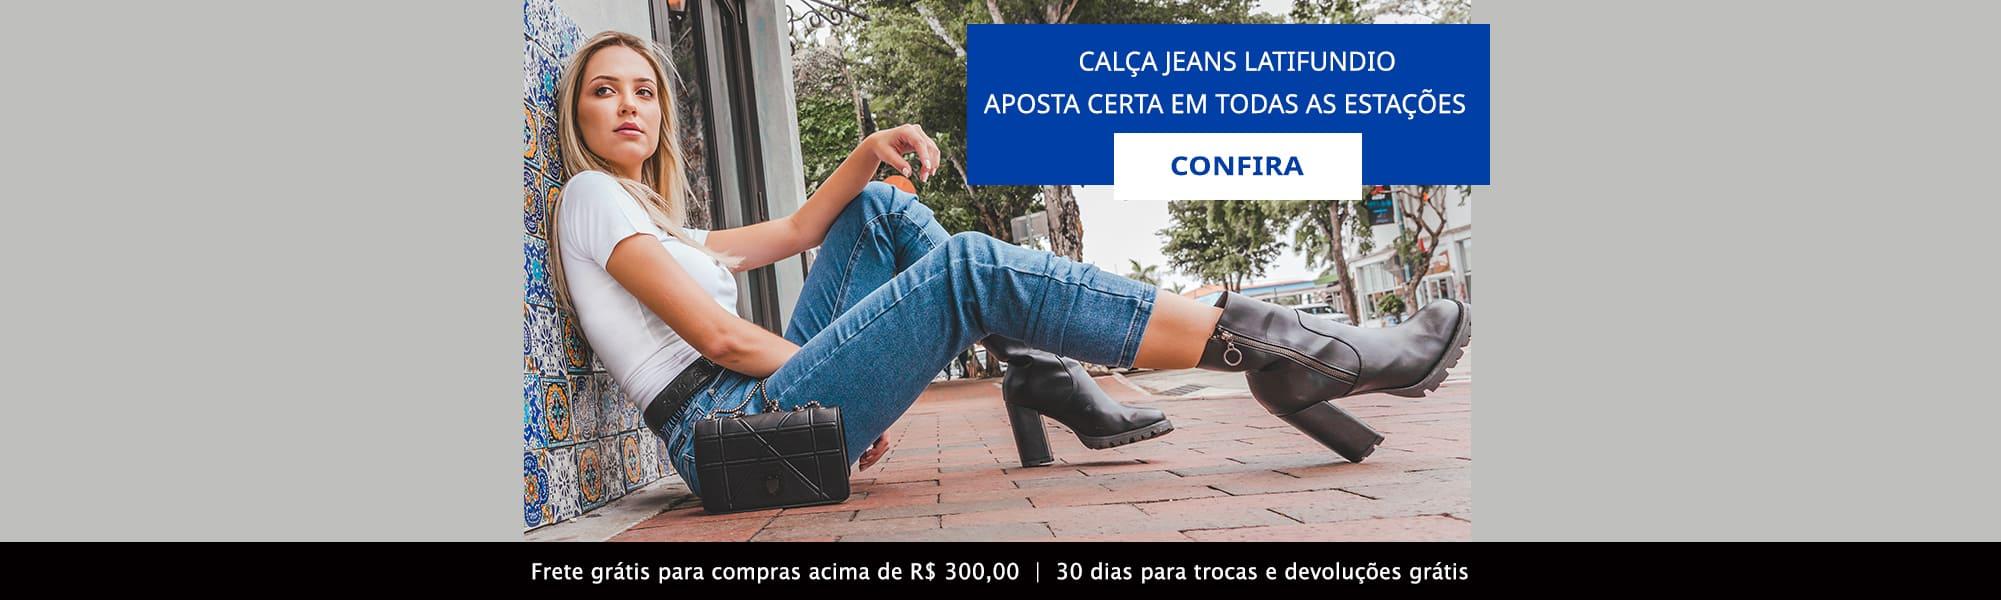 Calça Jeans Latifundio - Aposta certa em todas as estações!